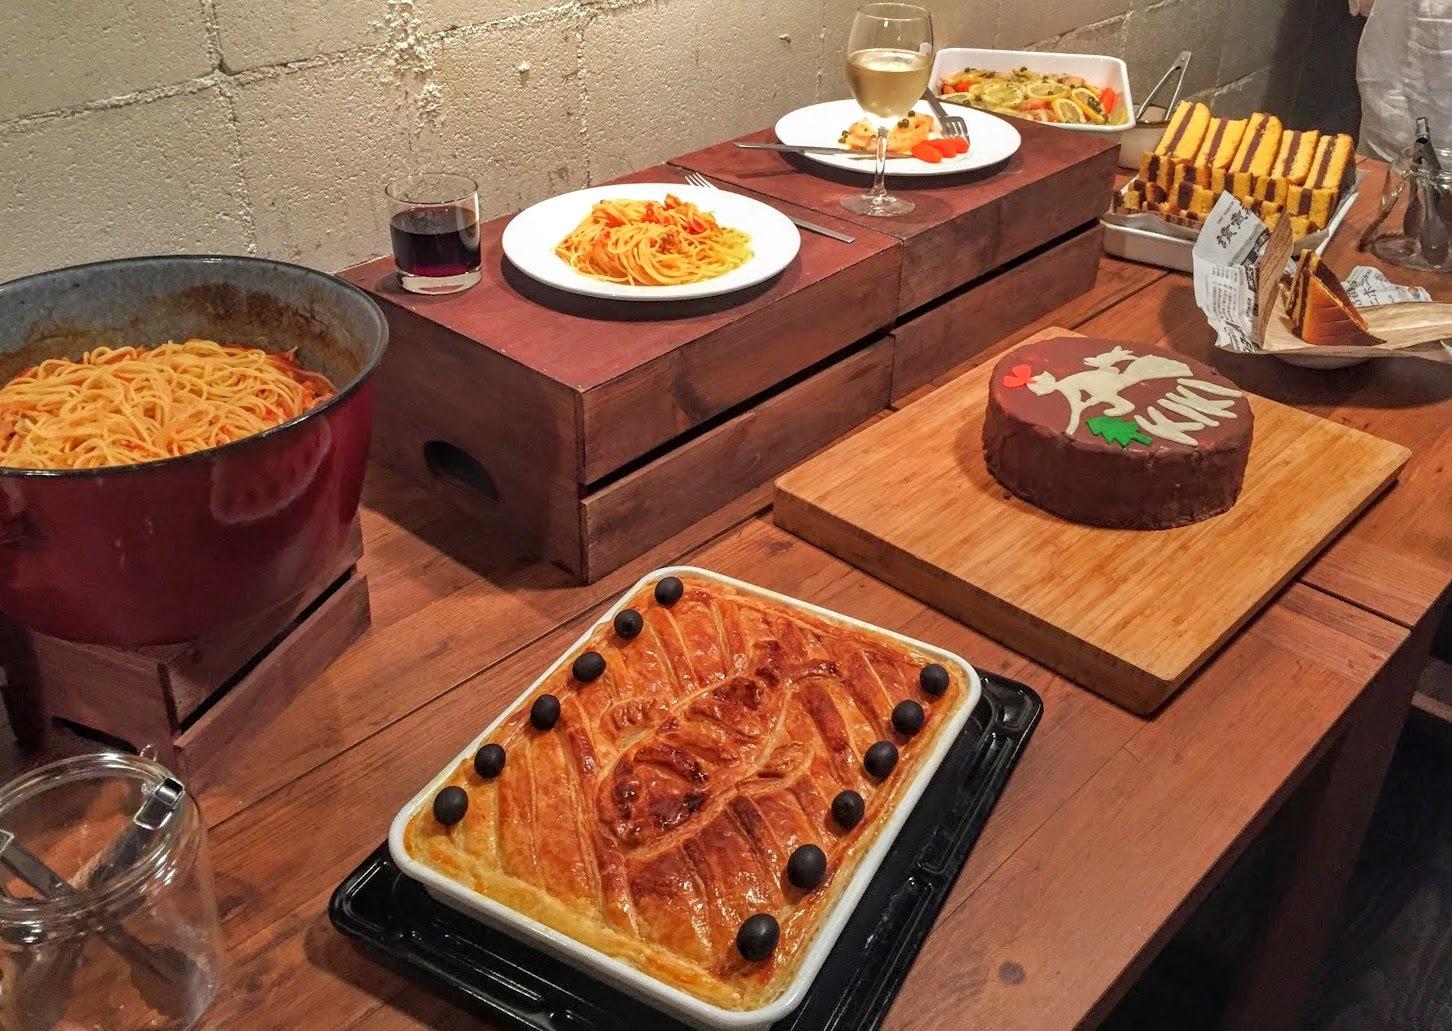 かわいい!すごい!ジブリの料理を食べれるイベント『映画の食事会』